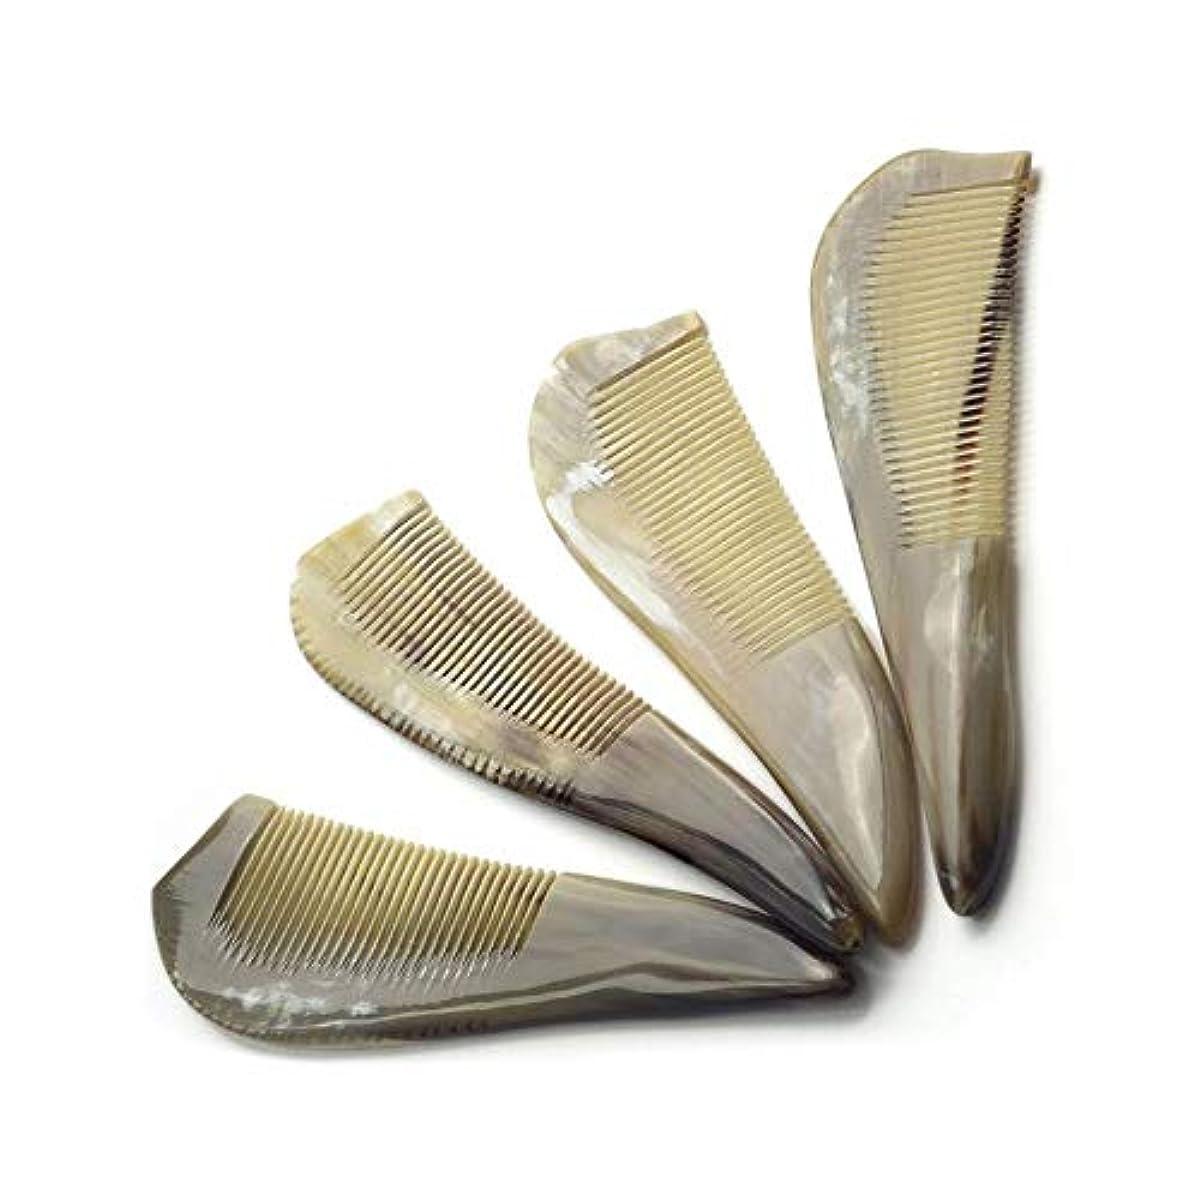 失効曲線硫黄Fashianホーン櫛静電気防止木製Haircomb、頭皮マッサージコームを刺激するためのファイン歯 ヘアケア